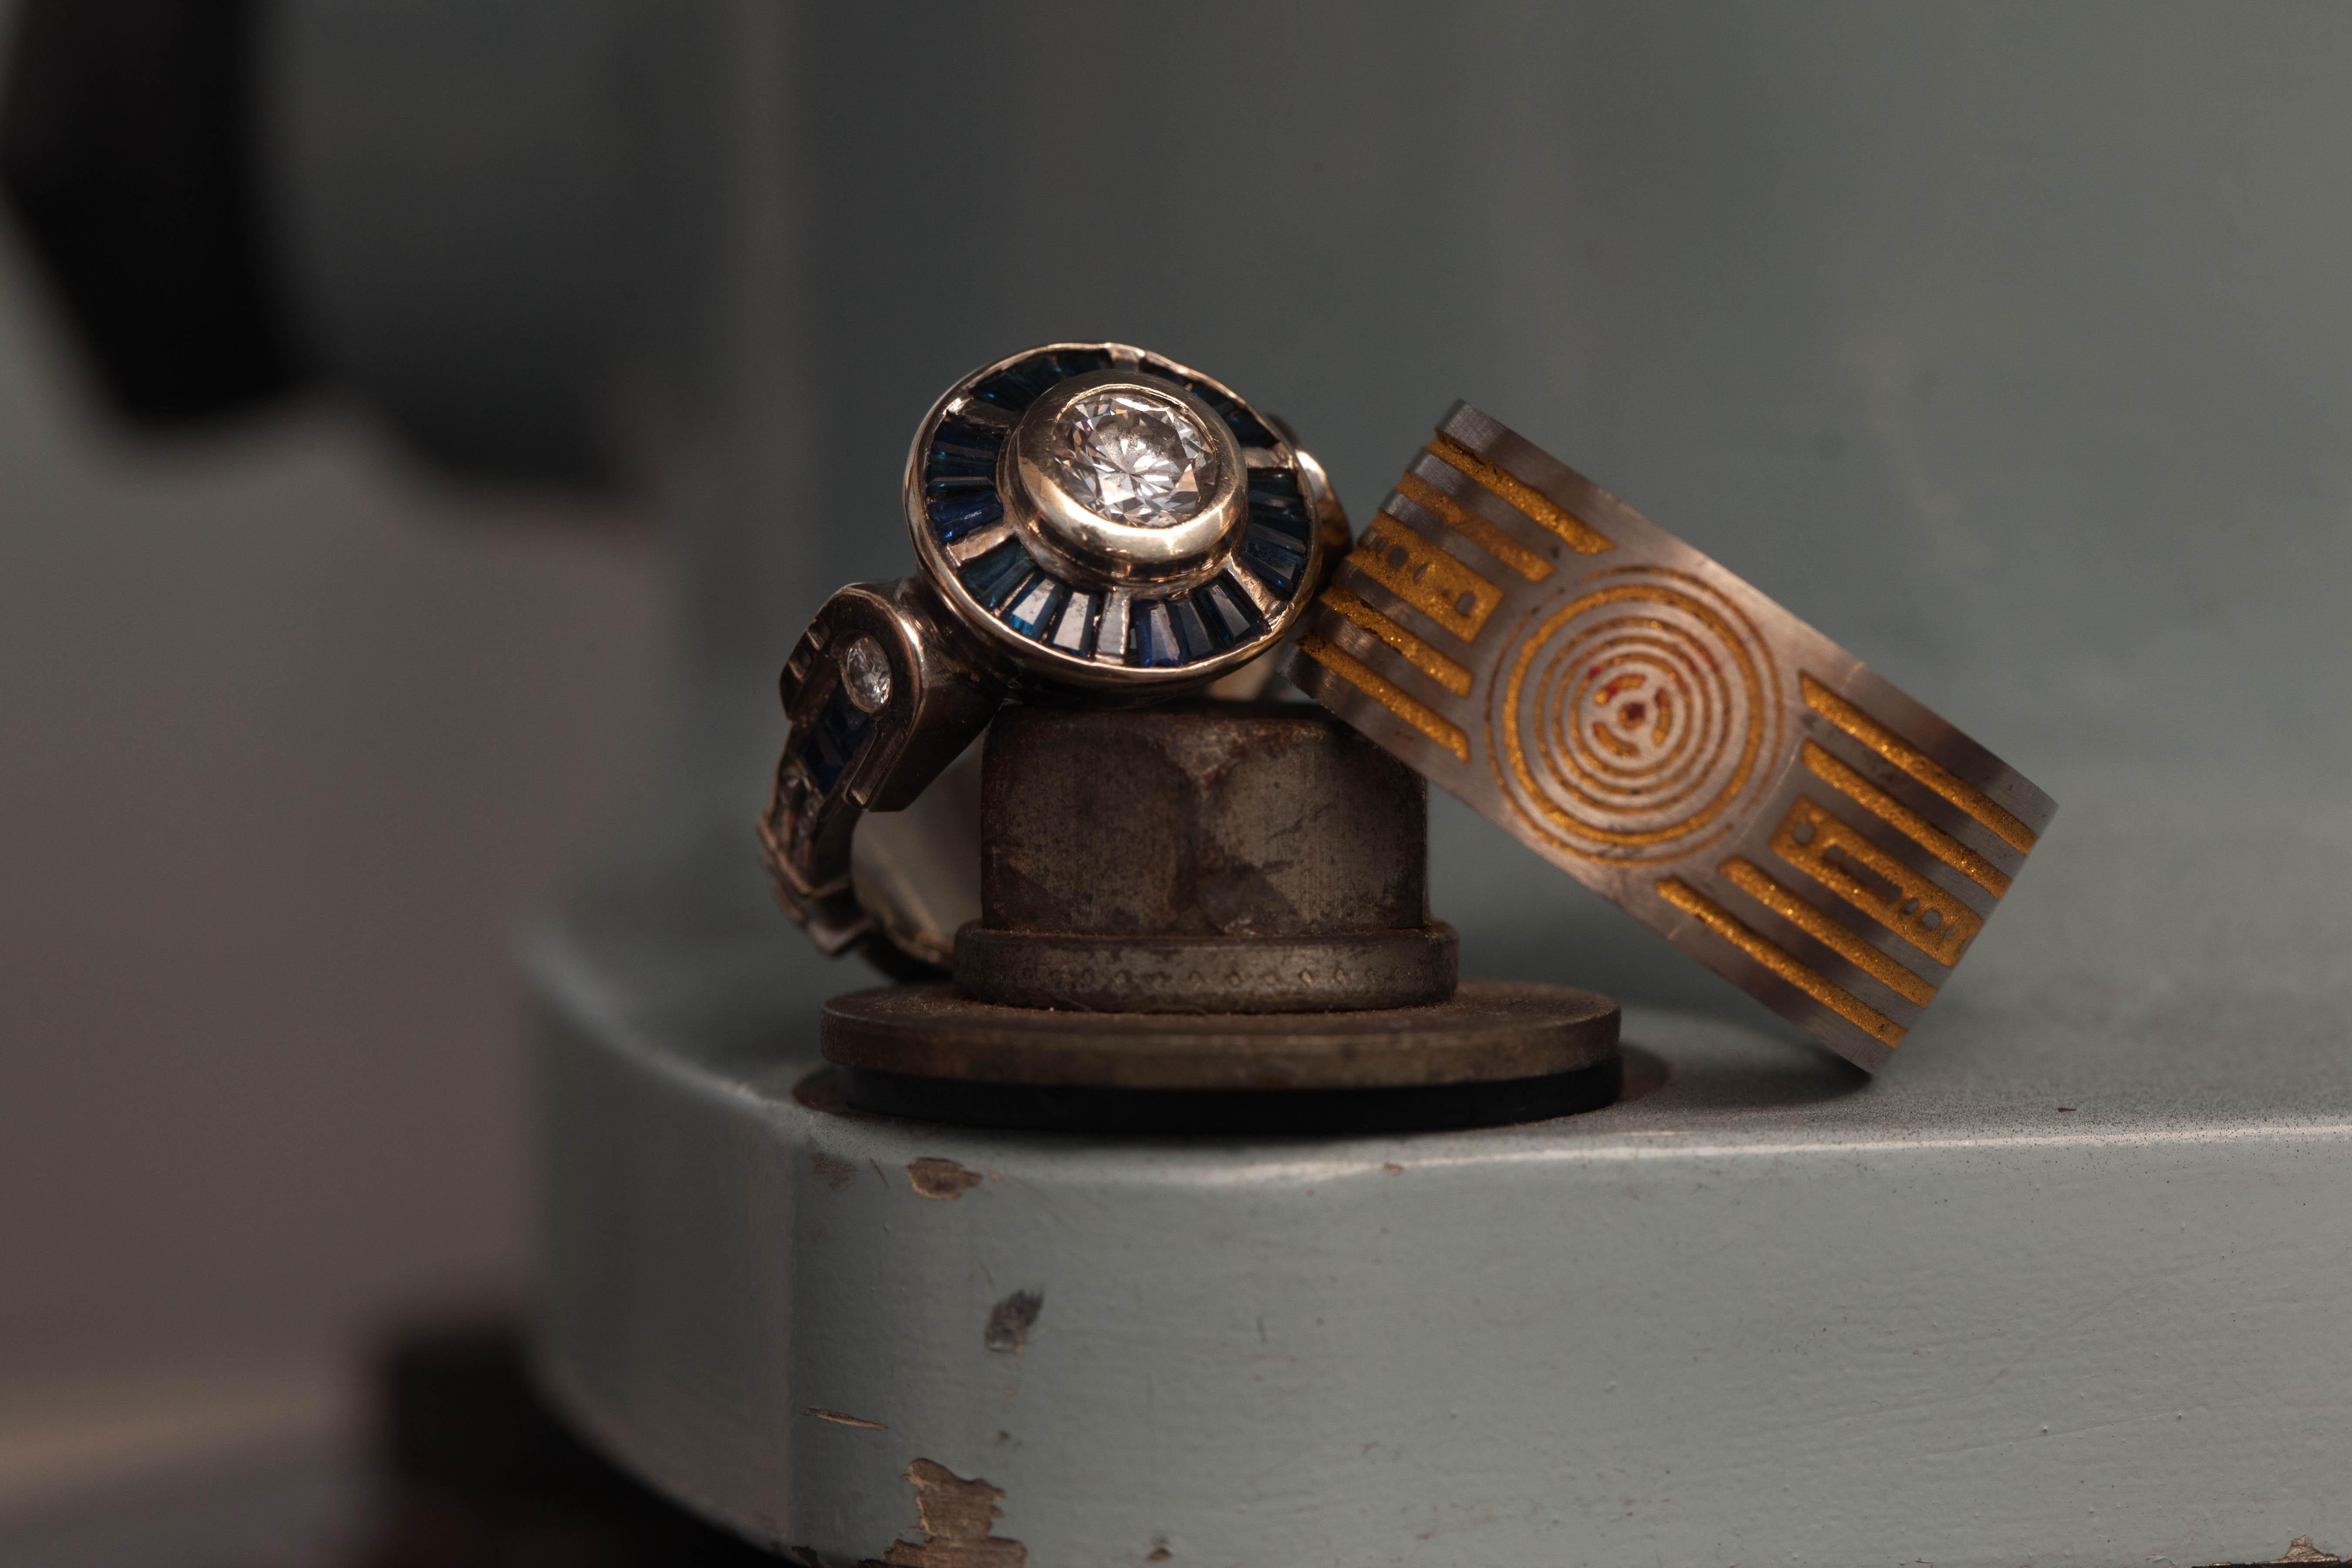 star wars wedding rings star wars wedding rings Star wars wedding rings R And C3po Wedding And Engagement Rings